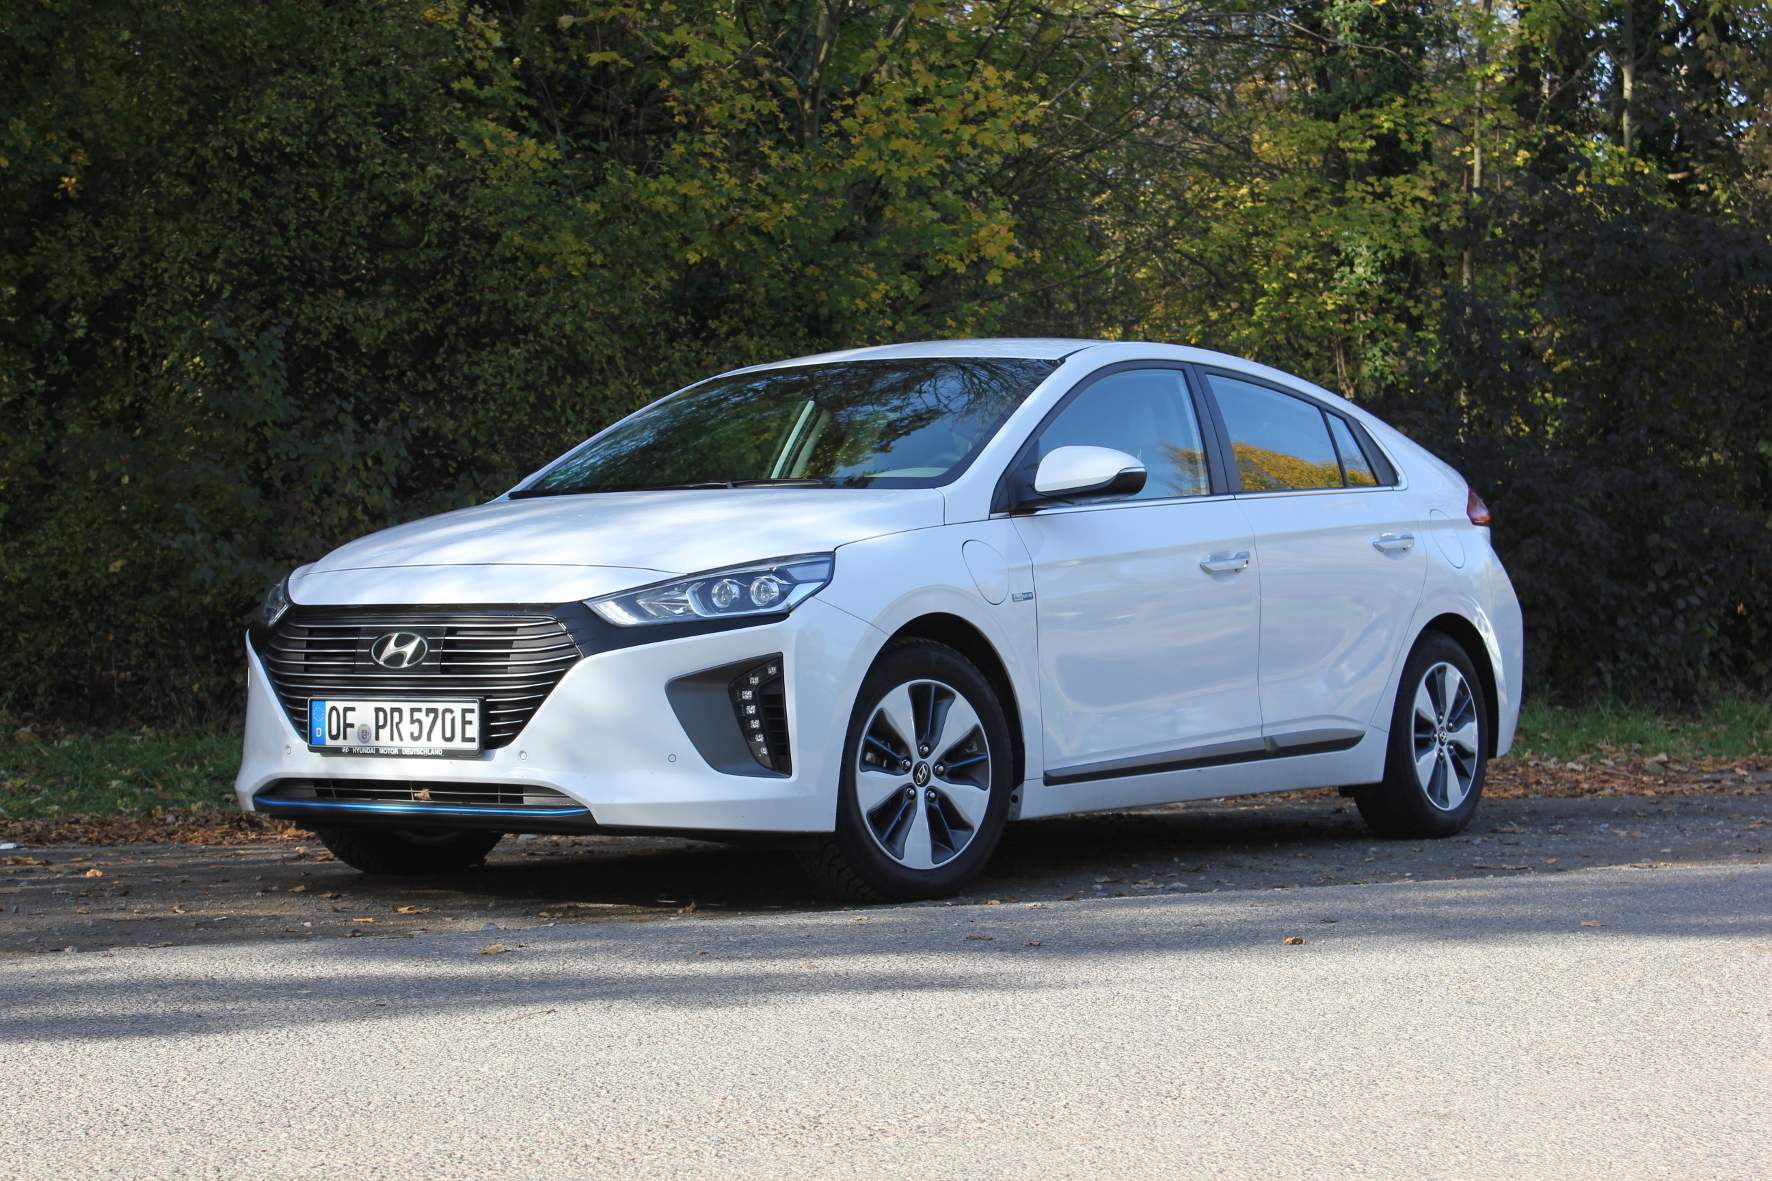 mid Groß-Gerau - Den Hyundai Ioniq gibt es mit Hybrid-, Plug-in-Hybrid- und reinem Elektroantrieb. Die Mittellösung mit Steckdosen Anschluss schlägt sich im mid-Test sehr gut. Thomas Schneider / mid